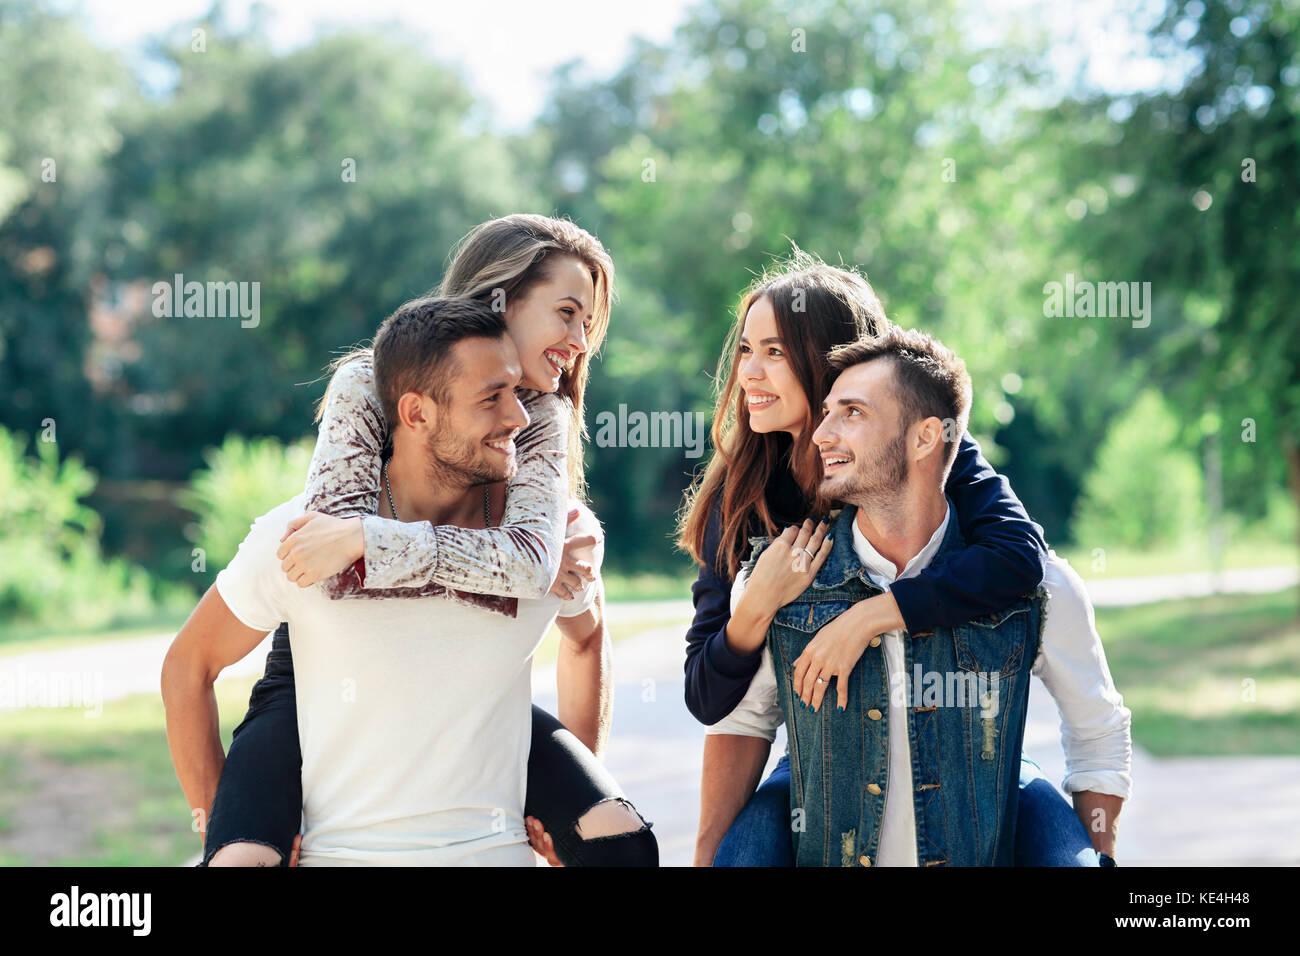 Zwei liebende Paare piggyback Spaß im Freien. Mädchen sitzt auf der Rückseite der Kerle lächelnd. Stockbild